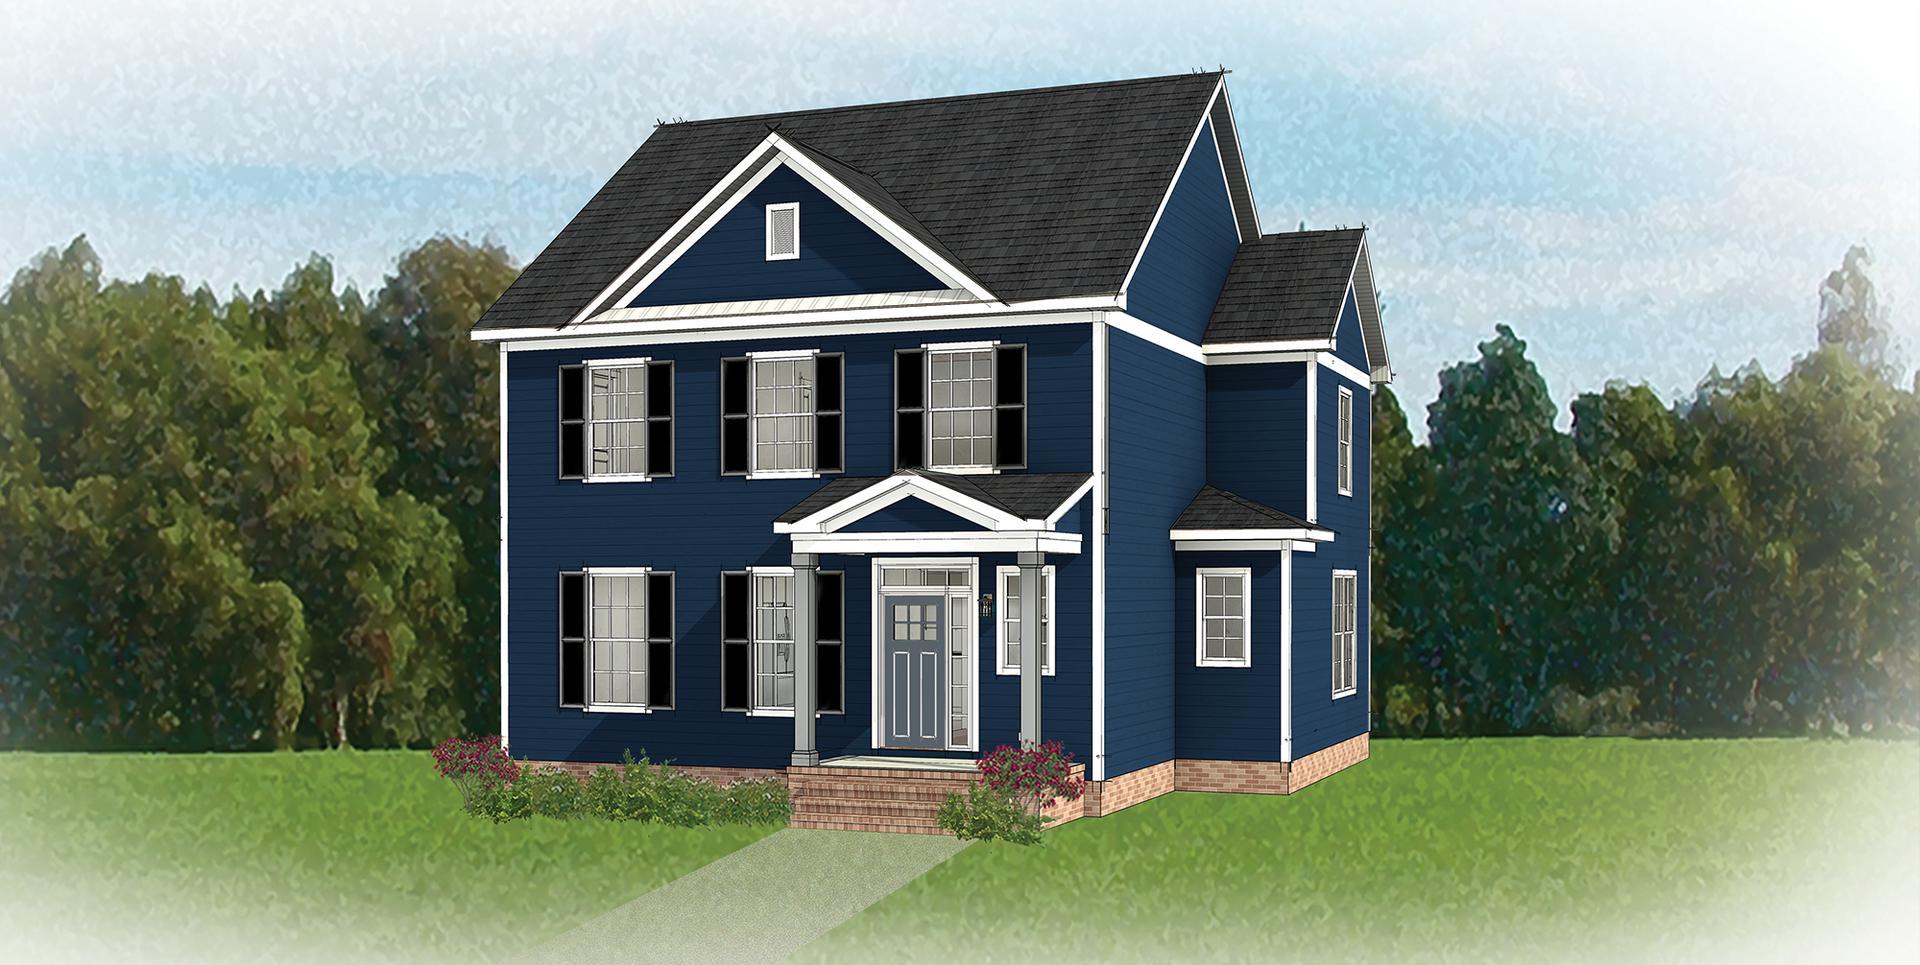 The Grayson new home in Ashland VA